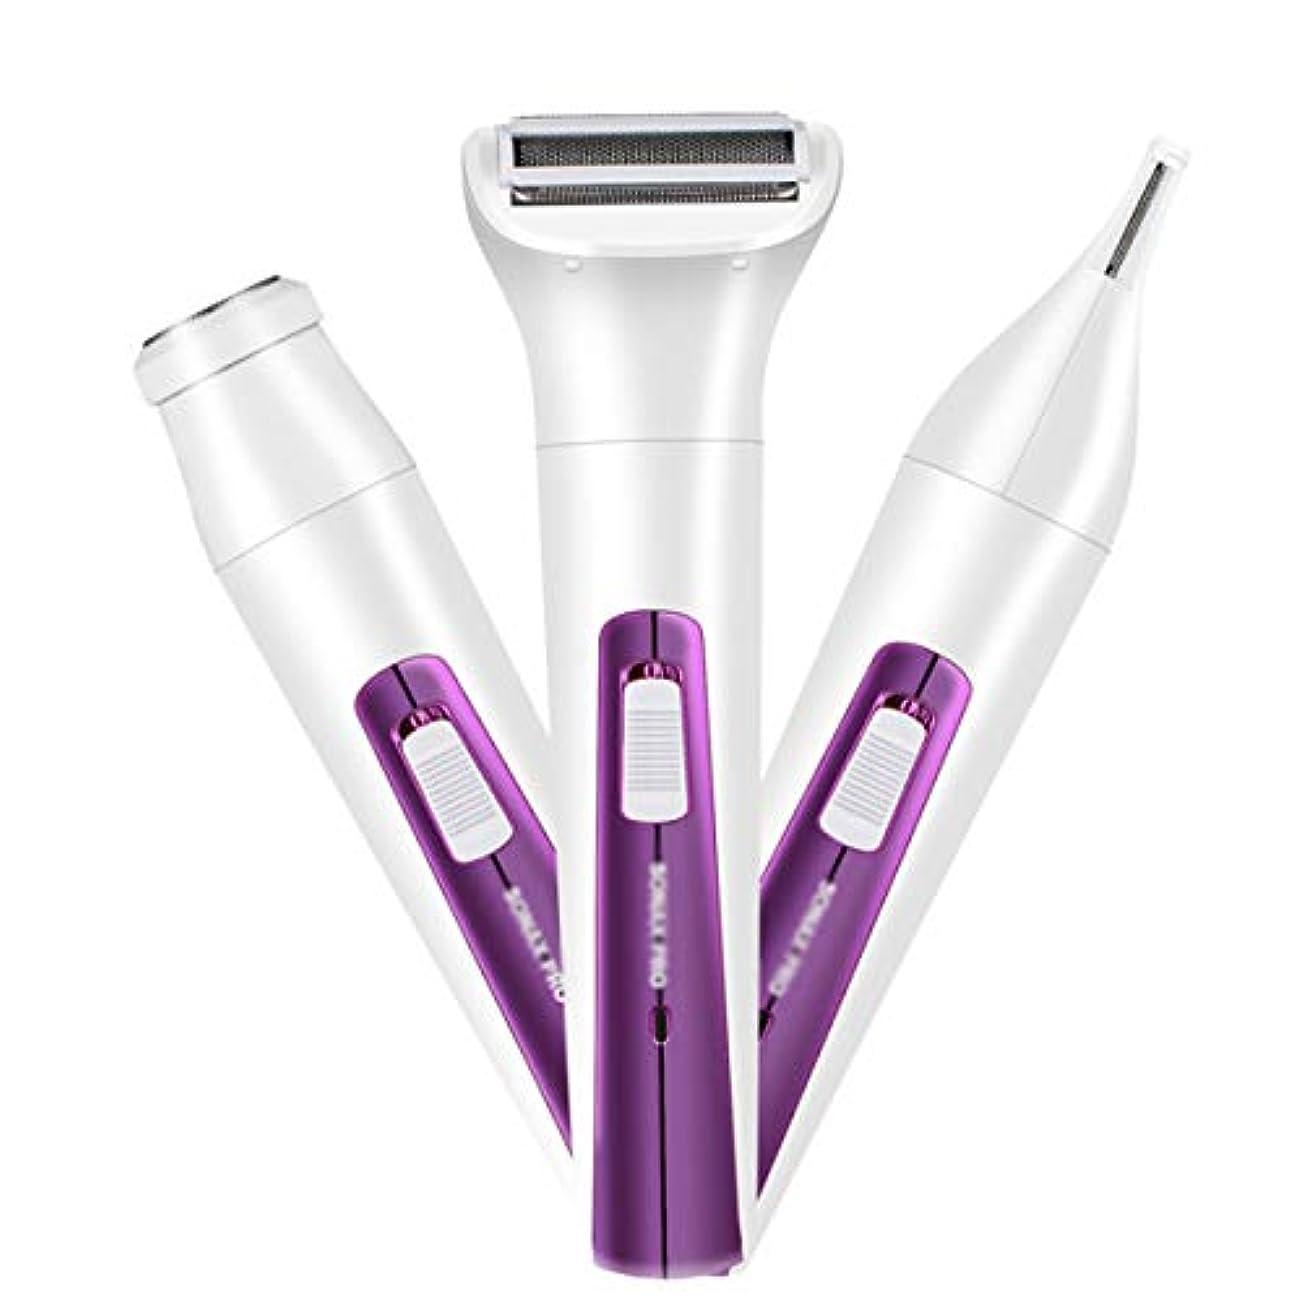 落胆するヒロインプレゼンター電気シェーバーフラッシュ修理脱毛機女性眉毛ストレートナー全身シェービングマシン,Purple